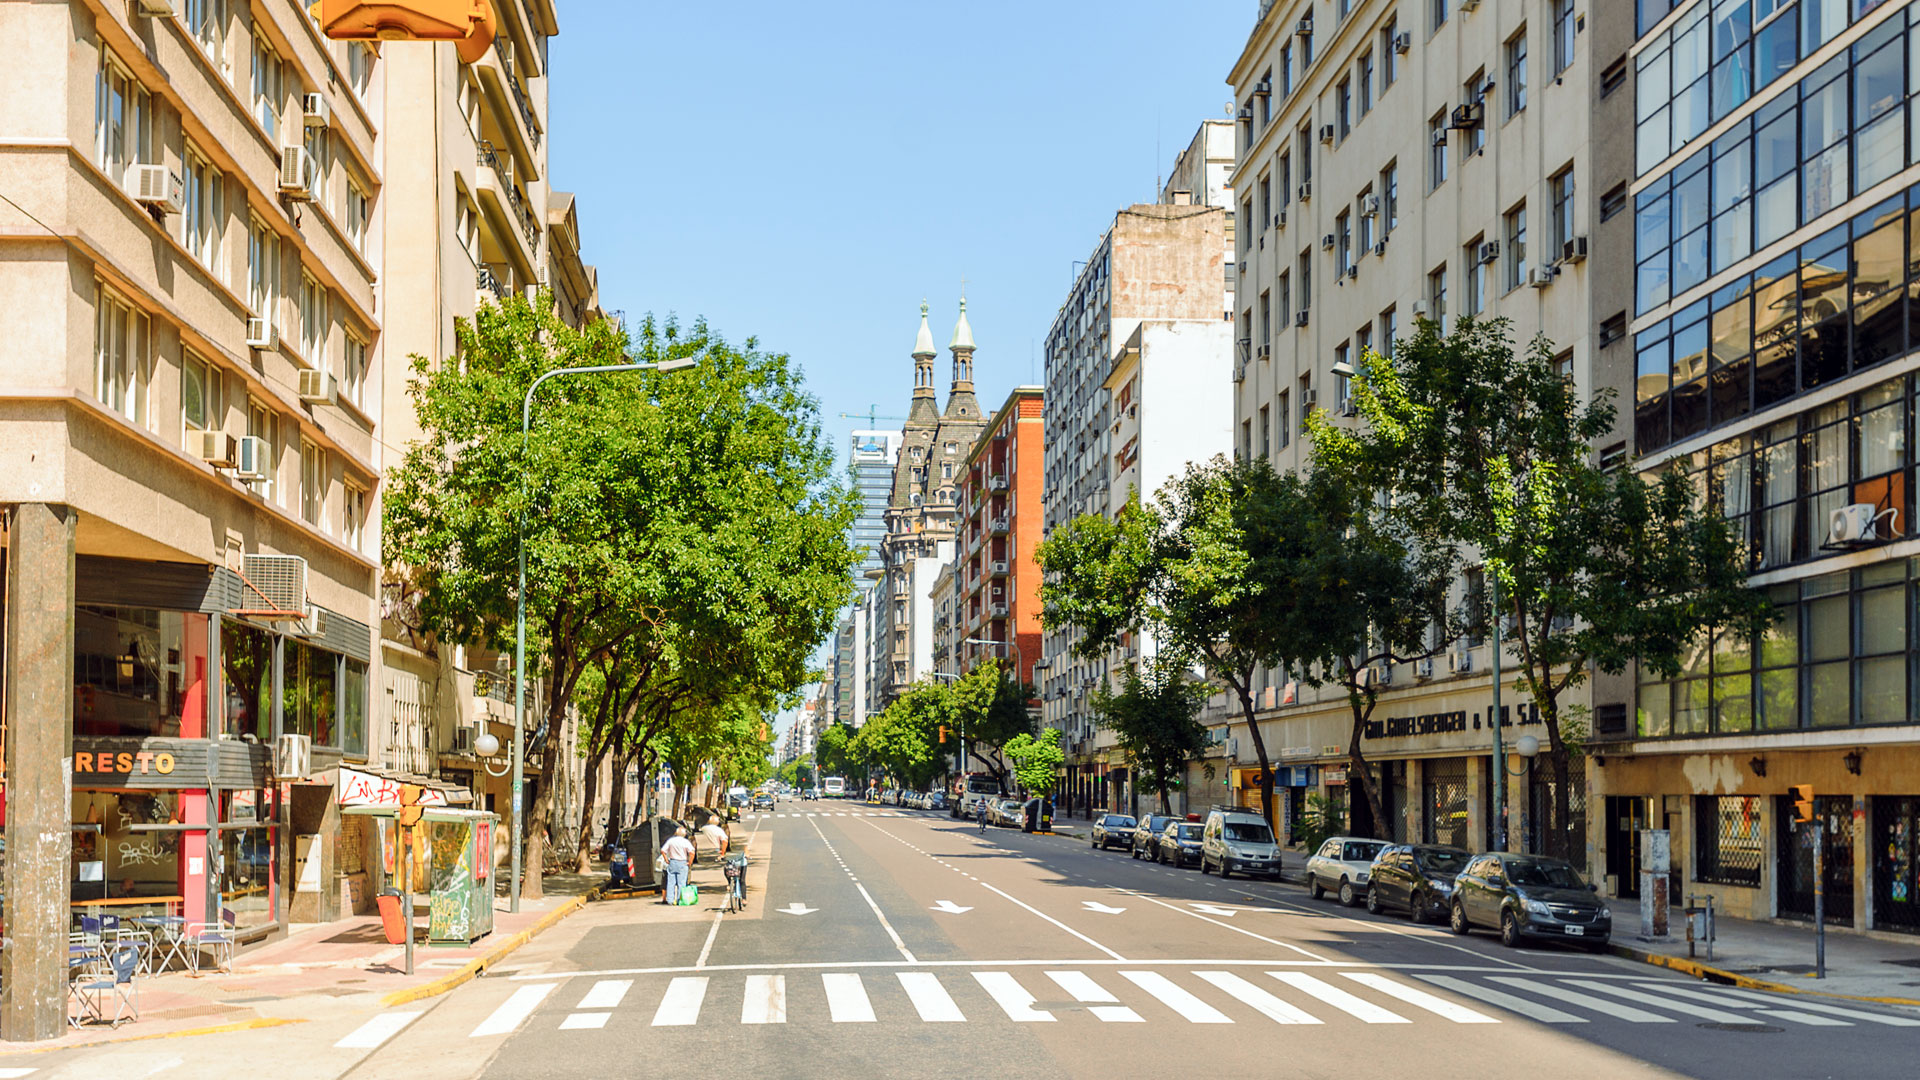 El mercado inmobiliario comenzó a mostrar señales de estabilización (Shutterstock)